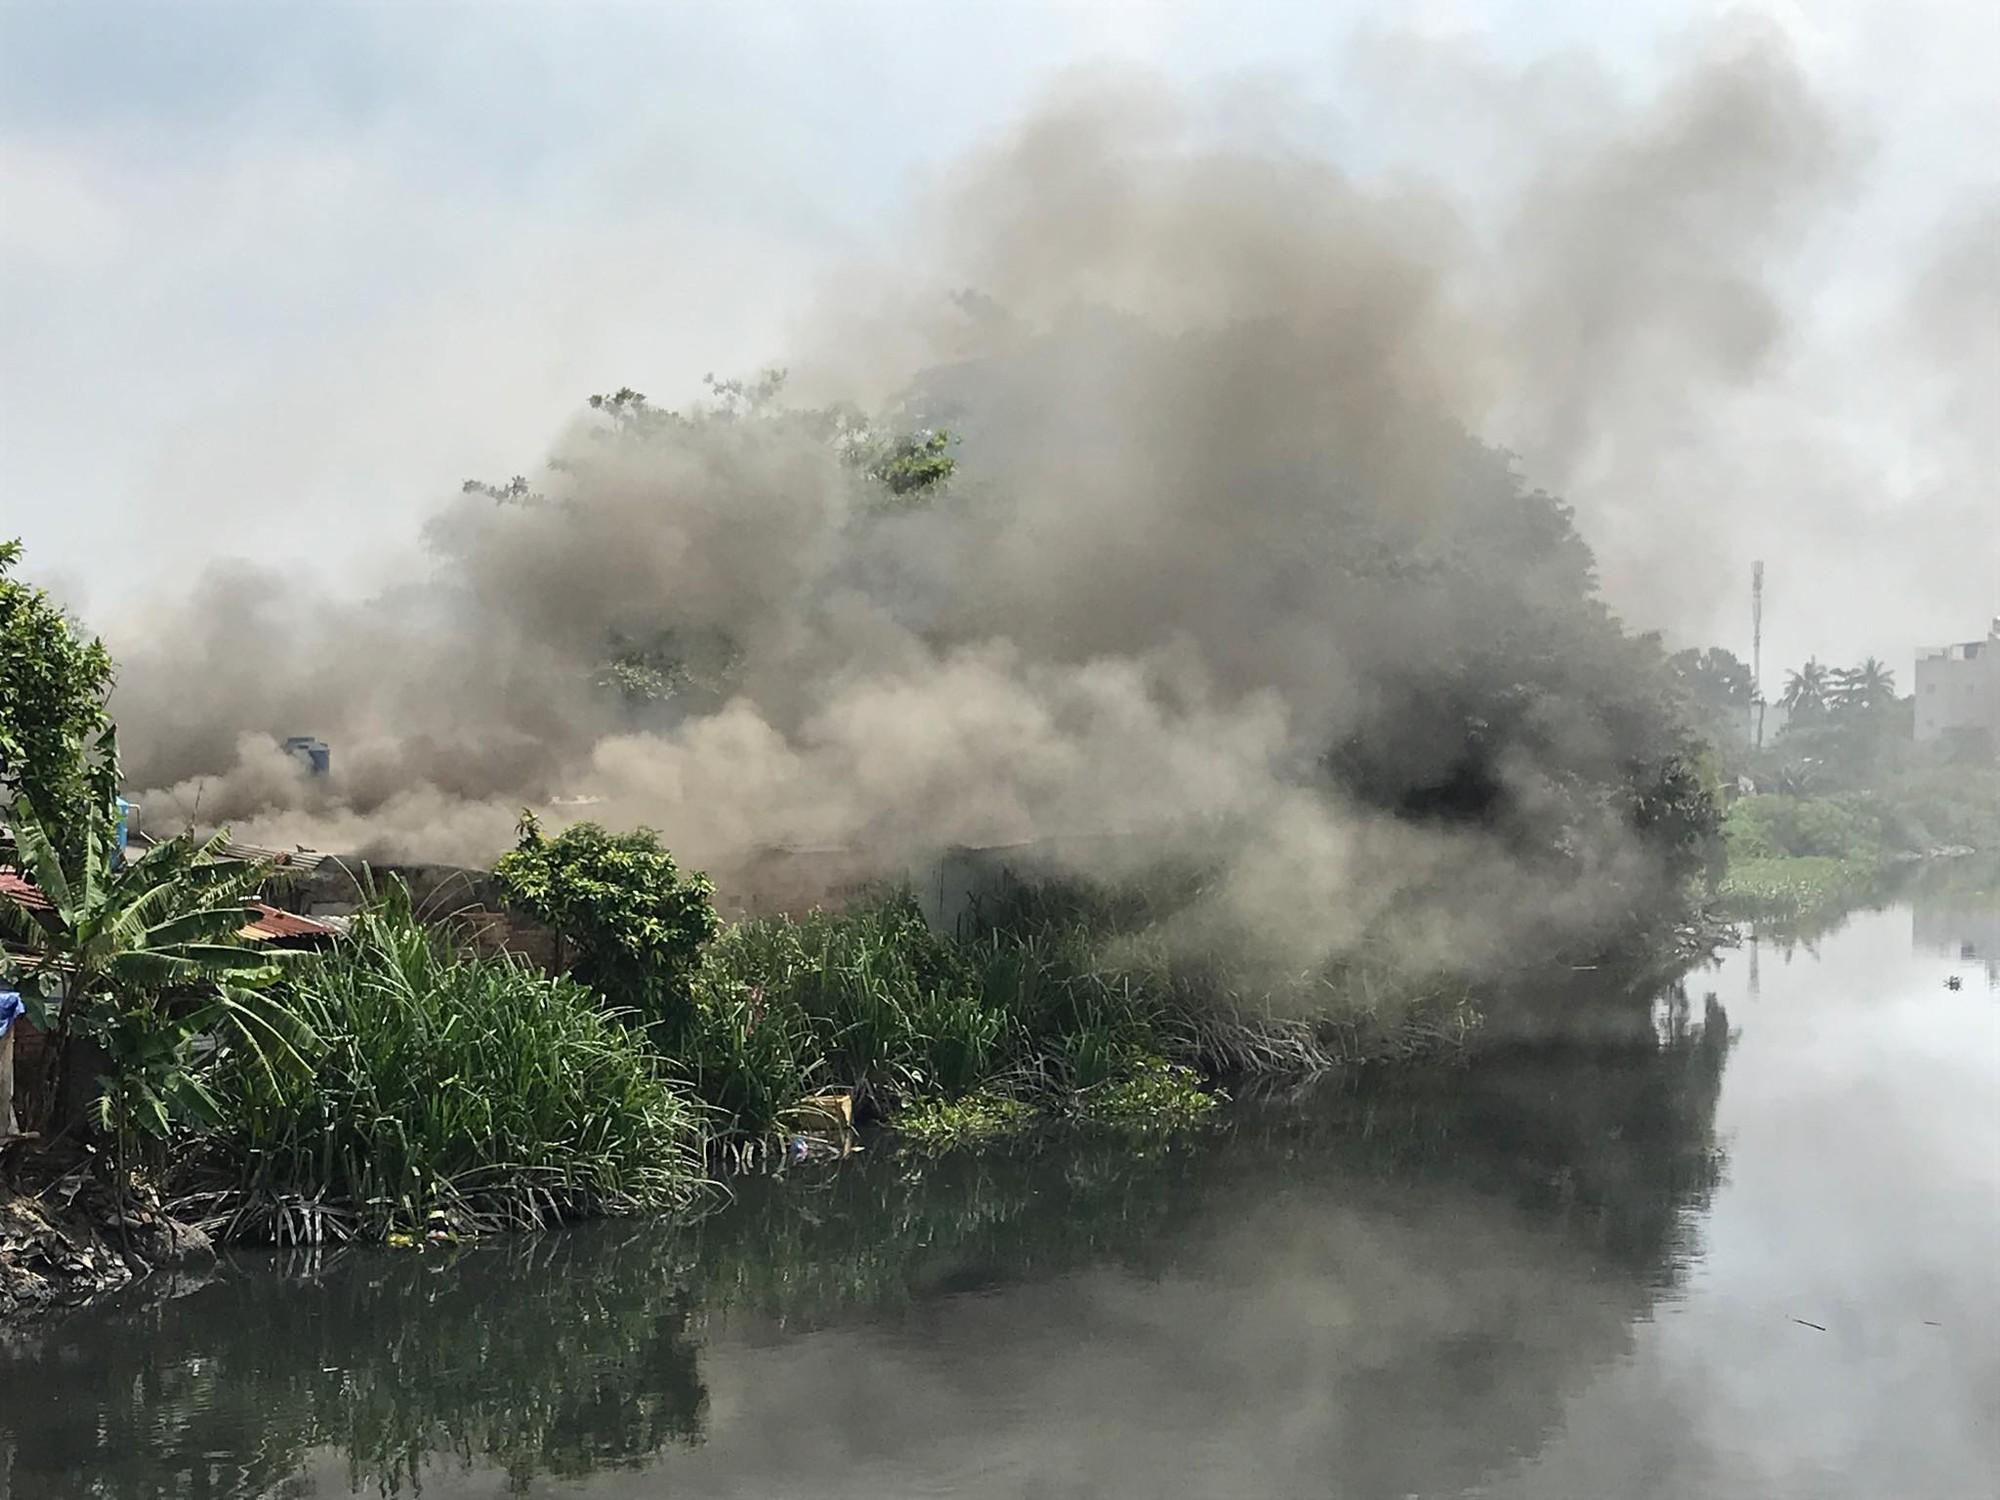 Khói lửa bao trùm cơ sở thu mua ve chai cạnh dãy nhà trọ ở Sài Gòn, hàng chục người bỏ chạy tán loạn - Ảnh 1.